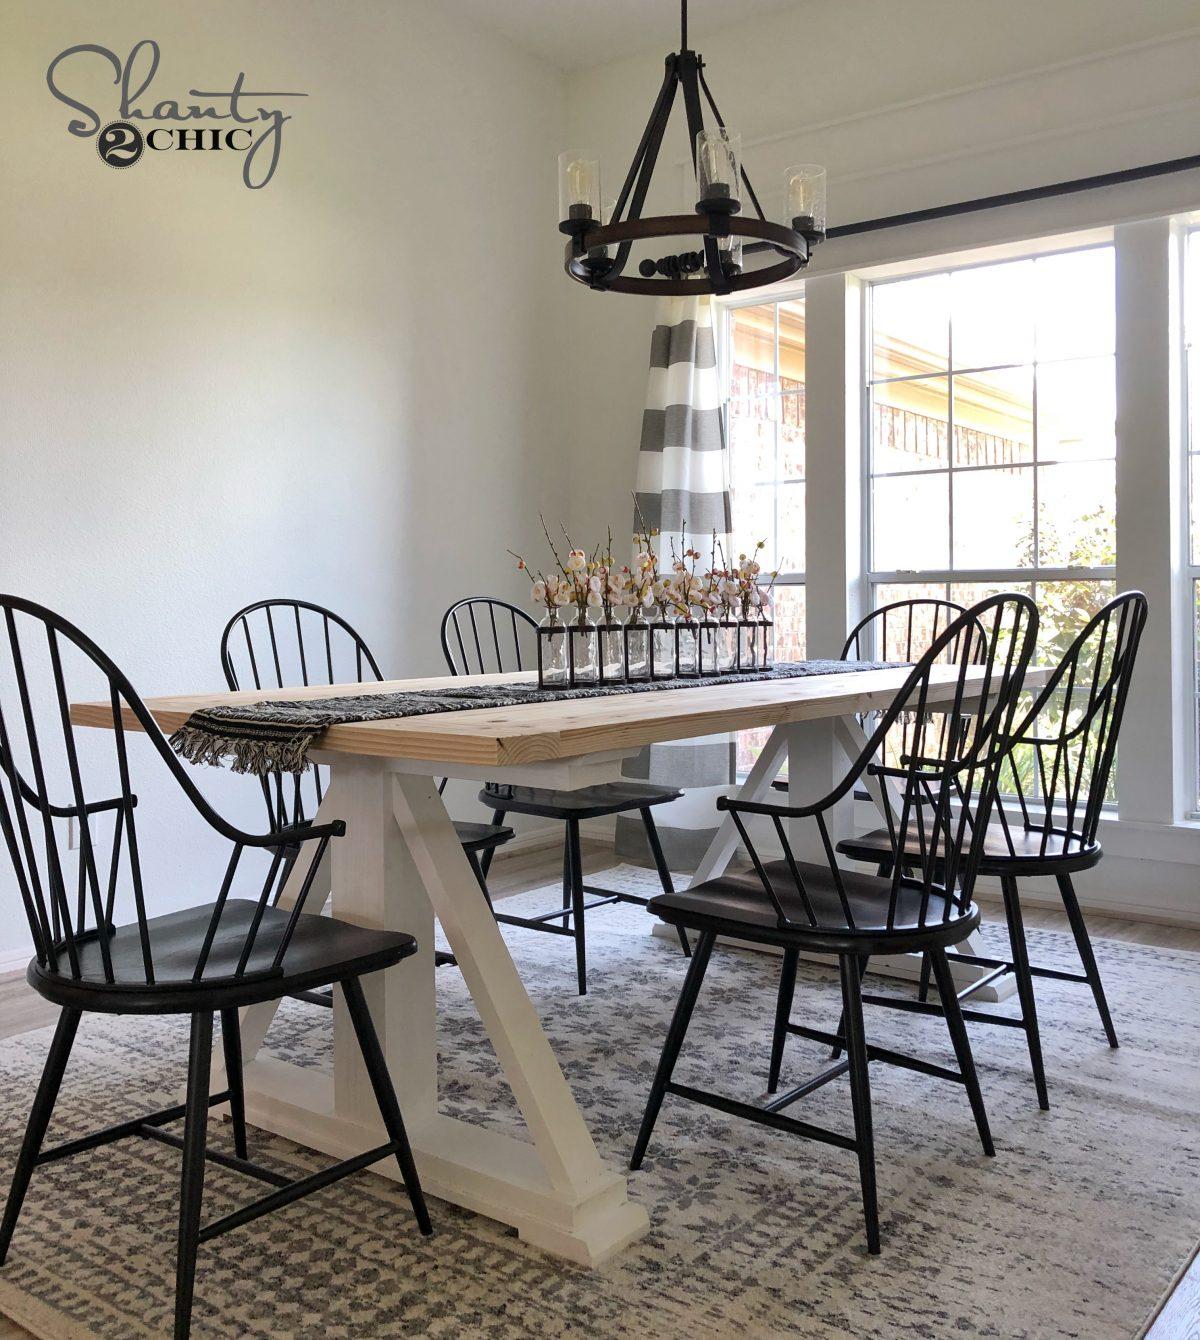 Farmhouse Dining Table: DIY Modern Farmhouse Dining Table